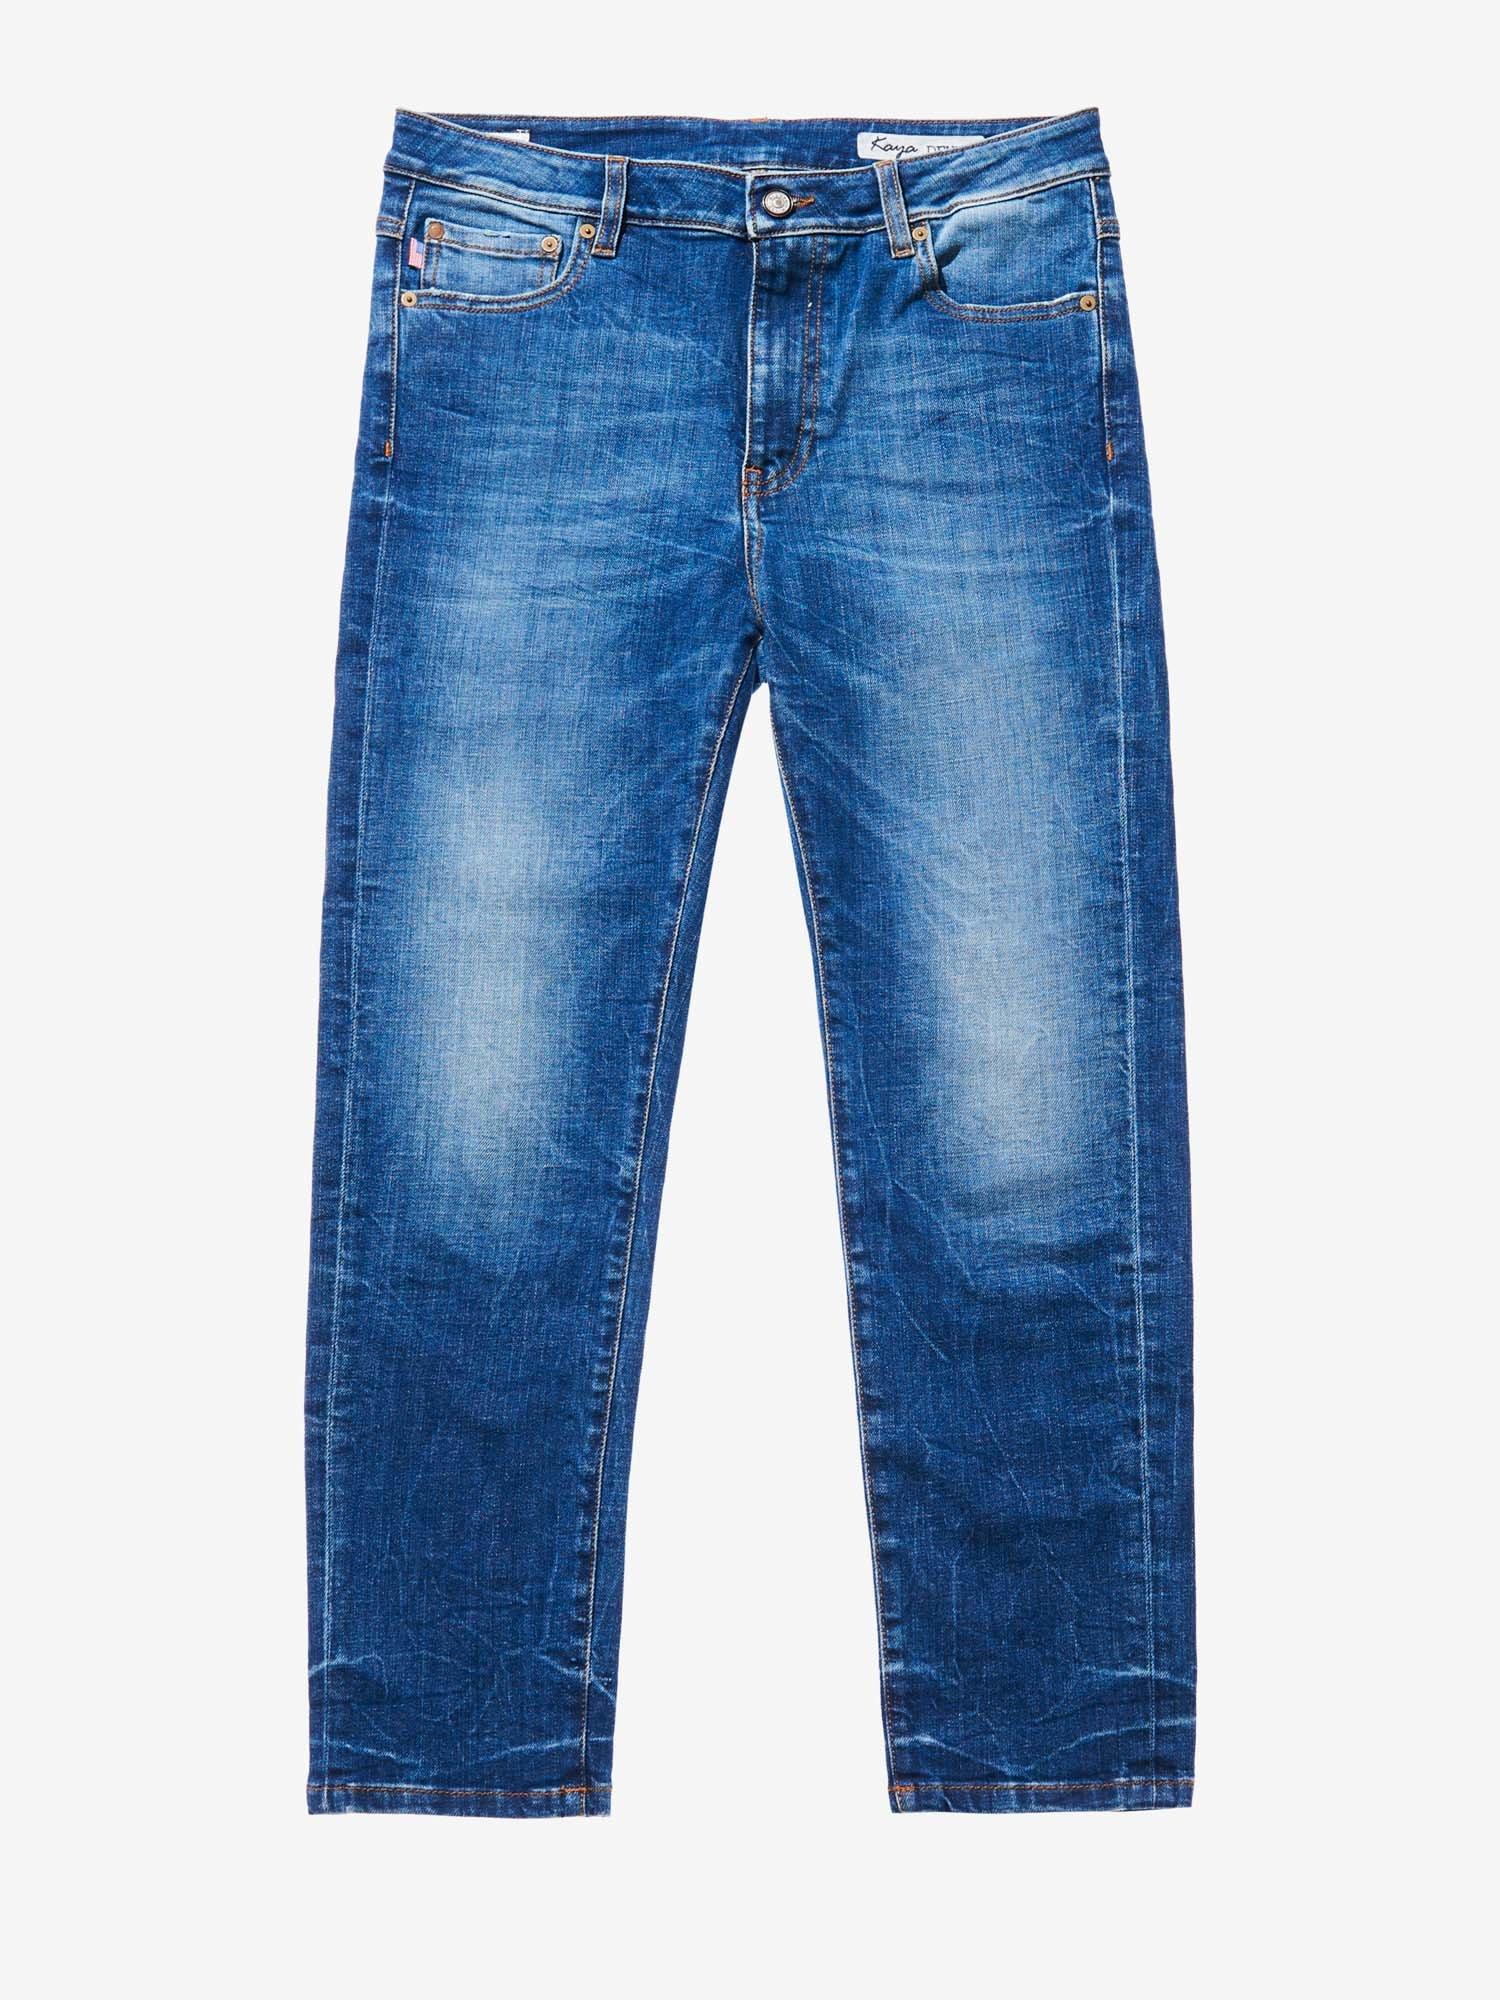 Blauer - USED STRETCH DENIM - Denim Washing - Blauer